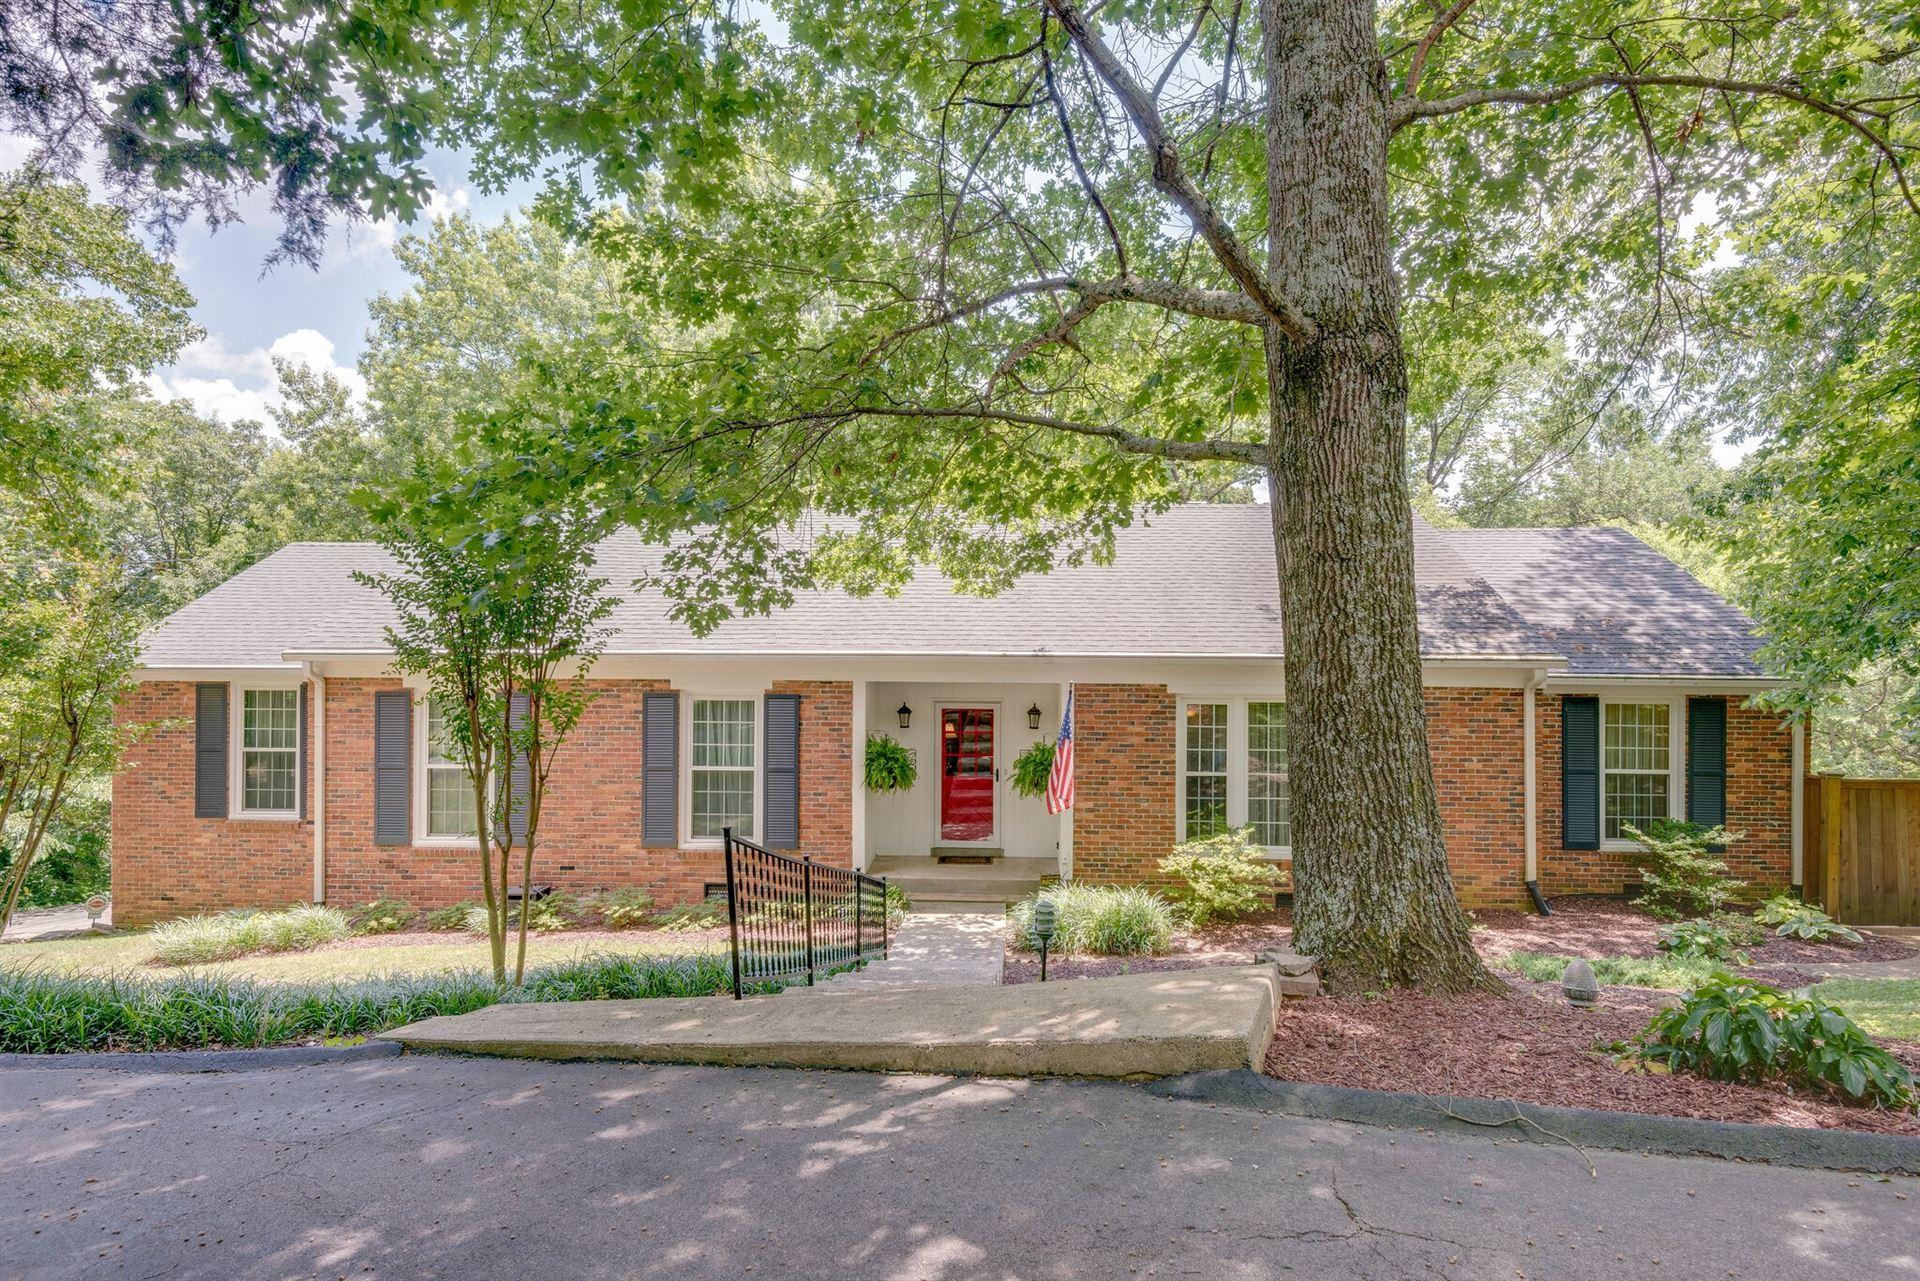 Photo of 1509 Dresden Cir, Nashville, TN 37215 (MLS # 2168827)